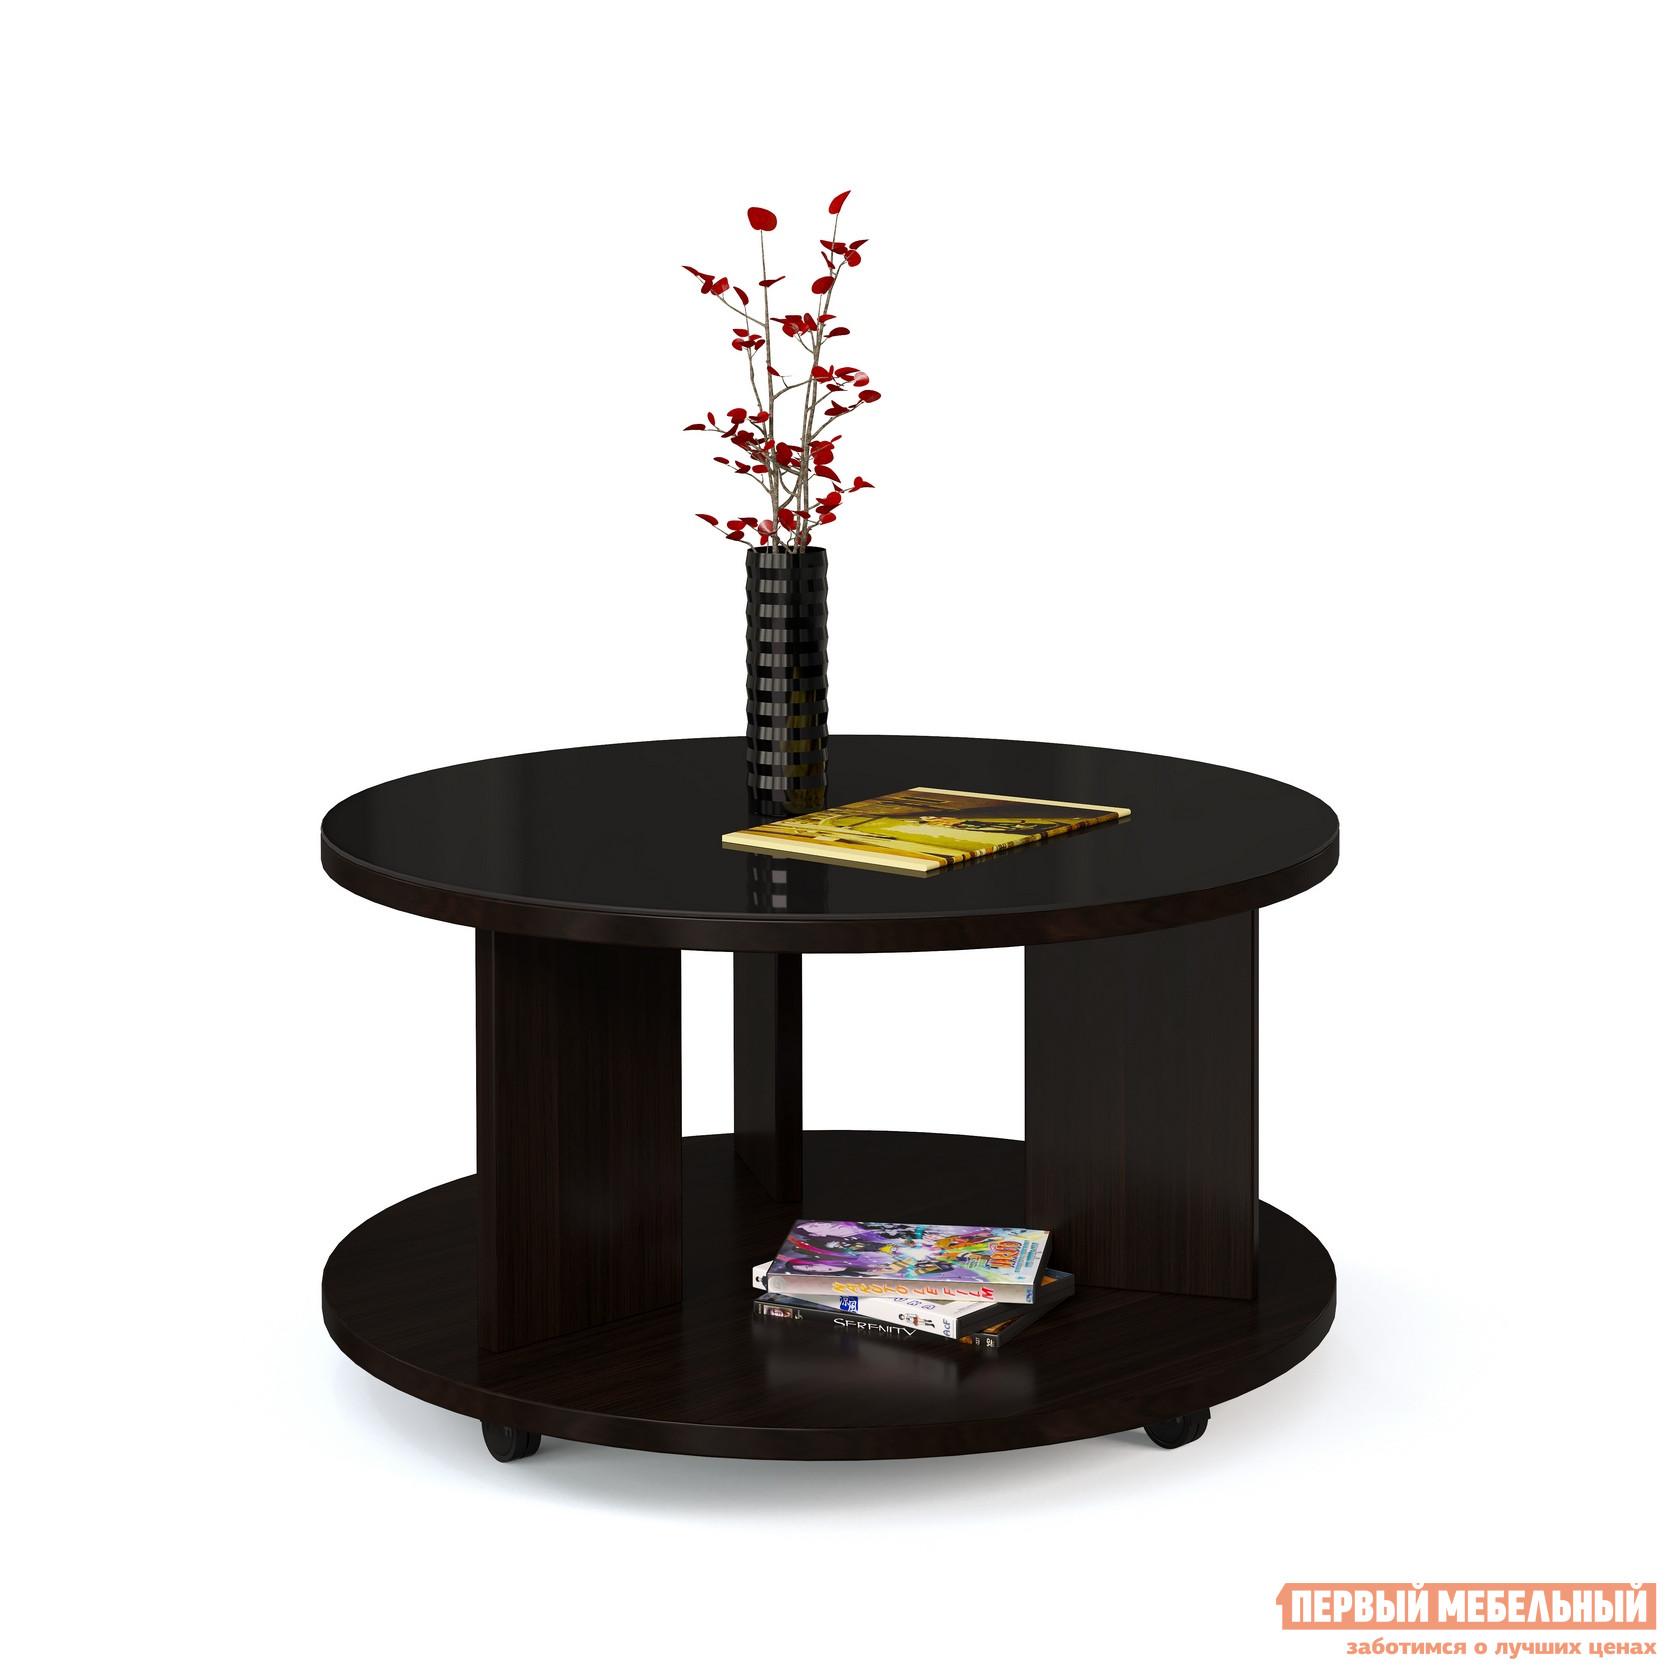 Журнальный столик МегаЭлатон Эдем 10 стол журнальный со стеклом Венге / Черное стекло